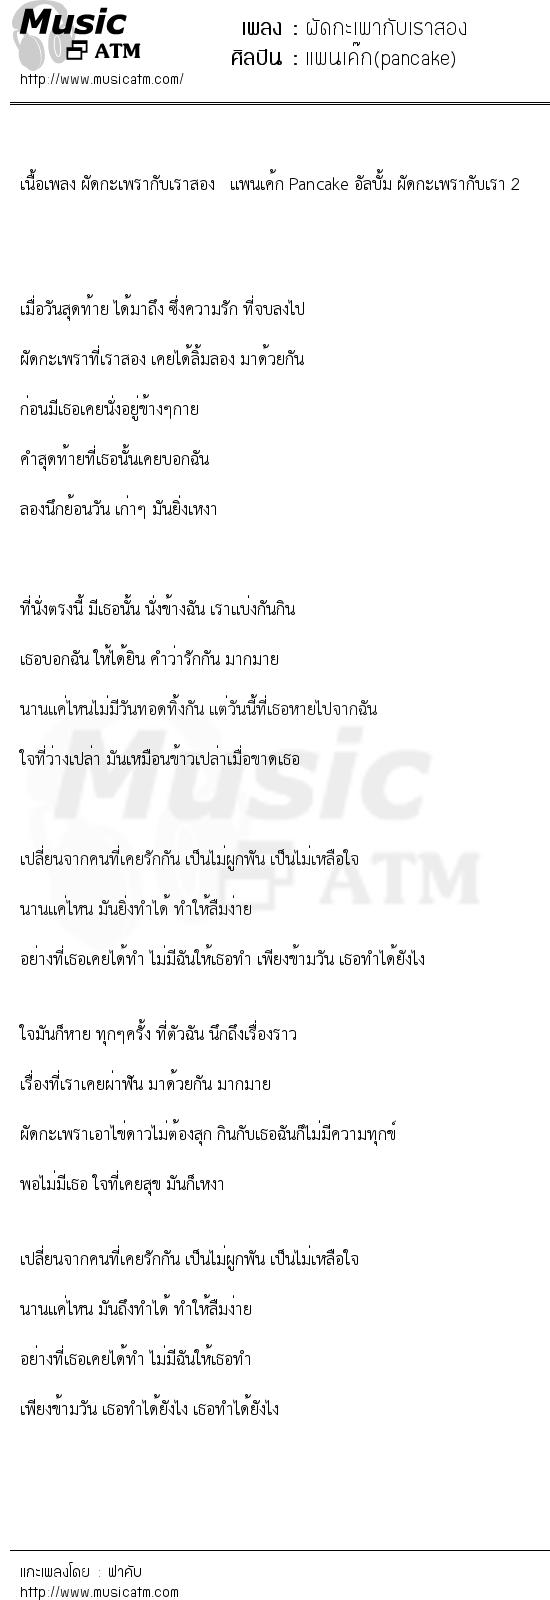 เนื้อเพลง ผัดกะเพากับเราสอง - แพนเค๊ก(pancake) | Popasia.net | เพลงไทย